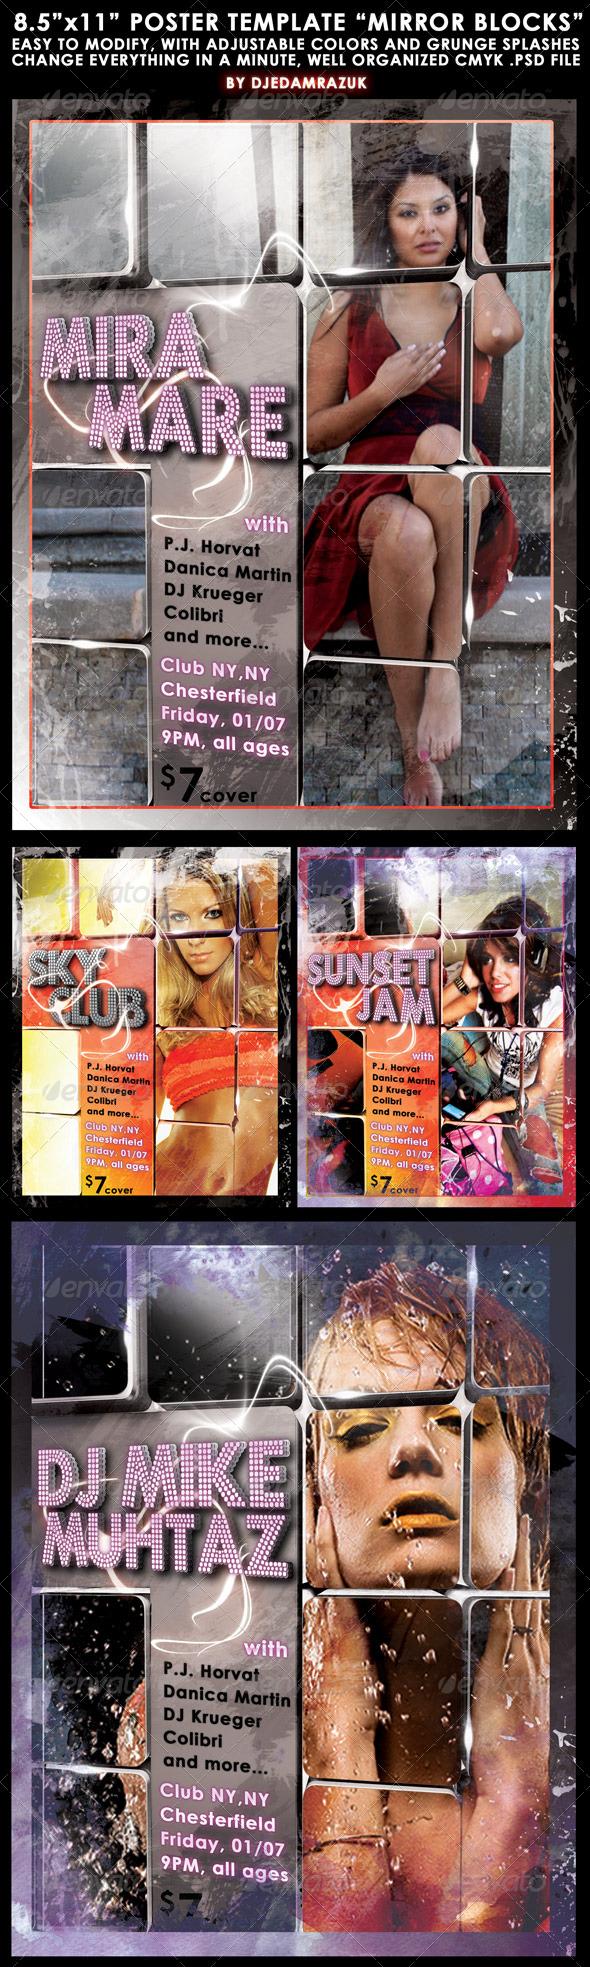 GraphicRiver 8.5 x11 Poster Mirror blocks 241671